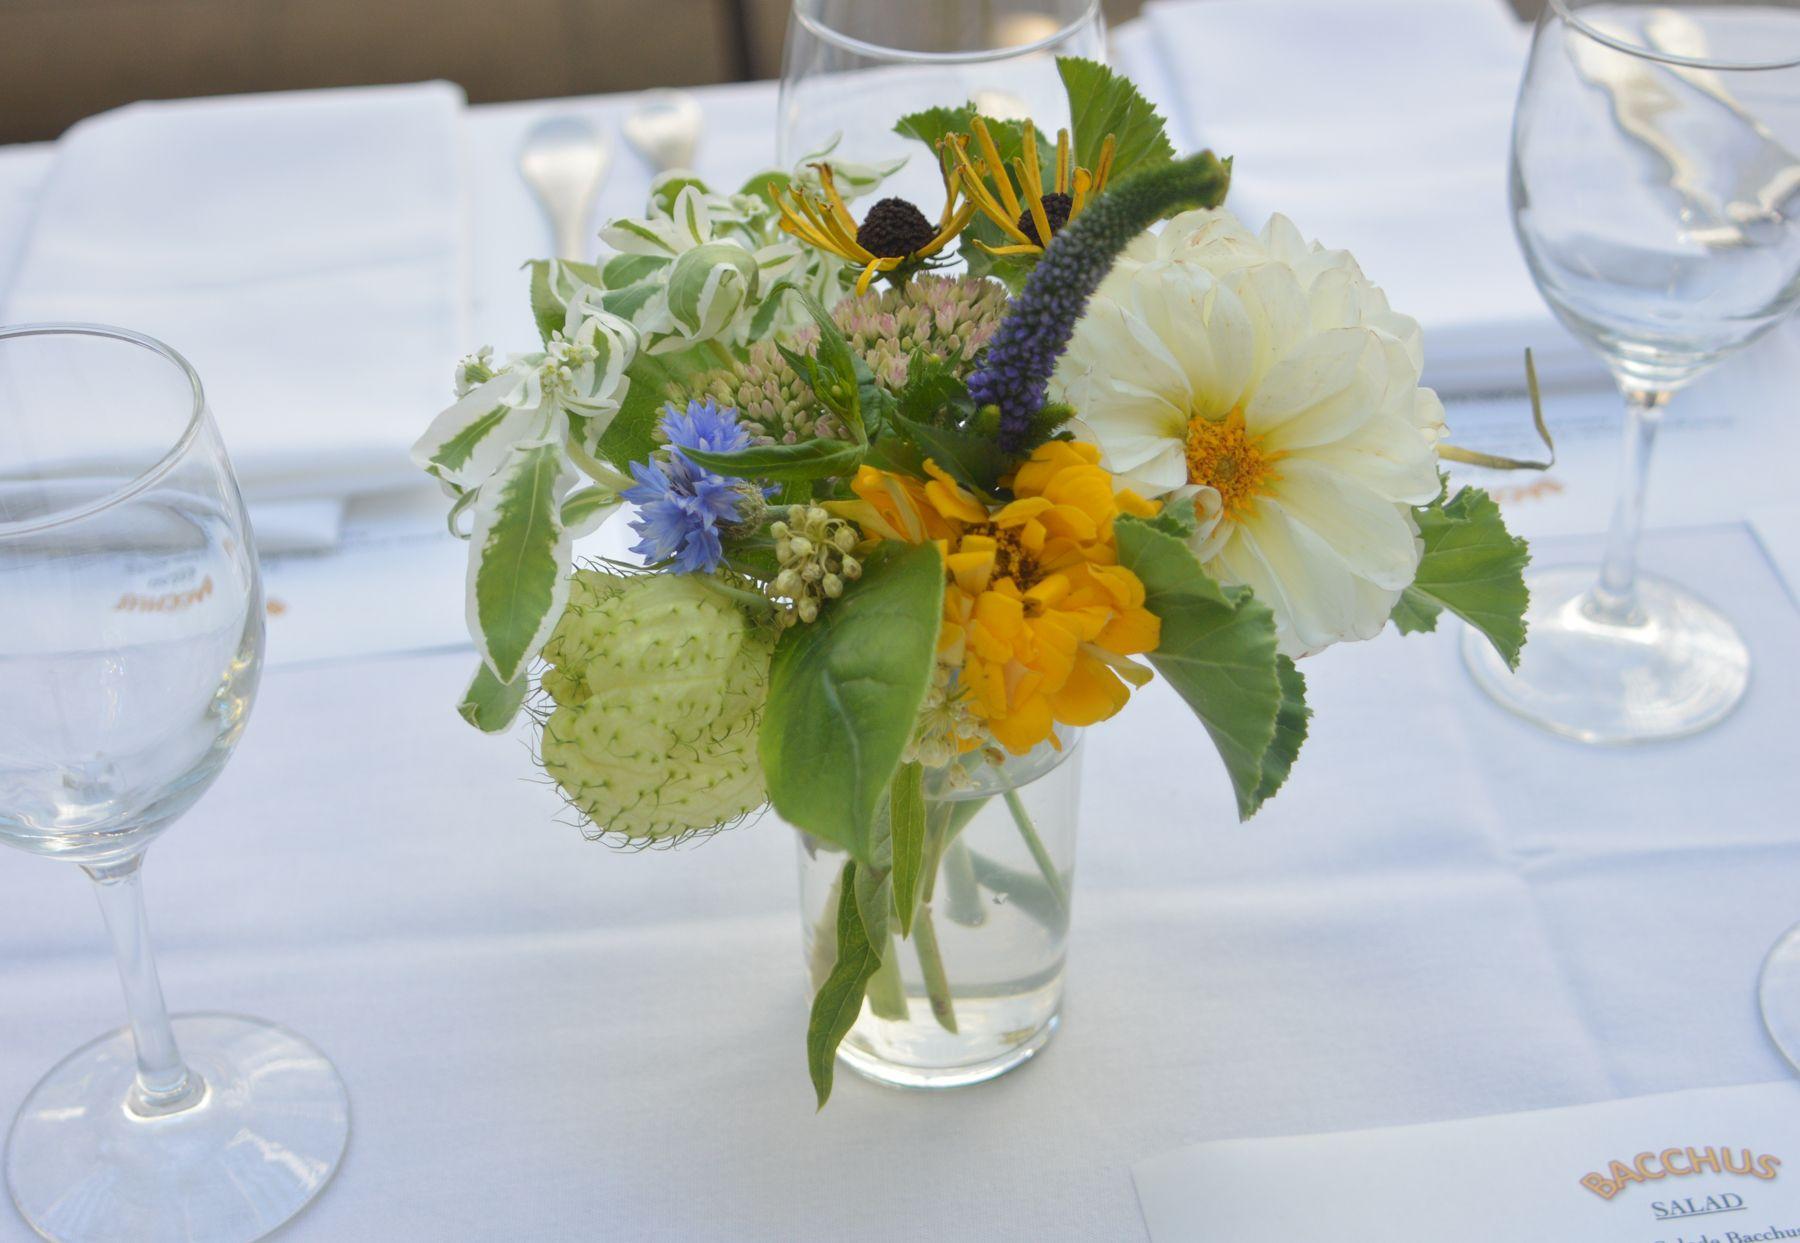 Spring Flower Arrangement Dahlia with wild flower and seasonal greens Brooklyn Wedding